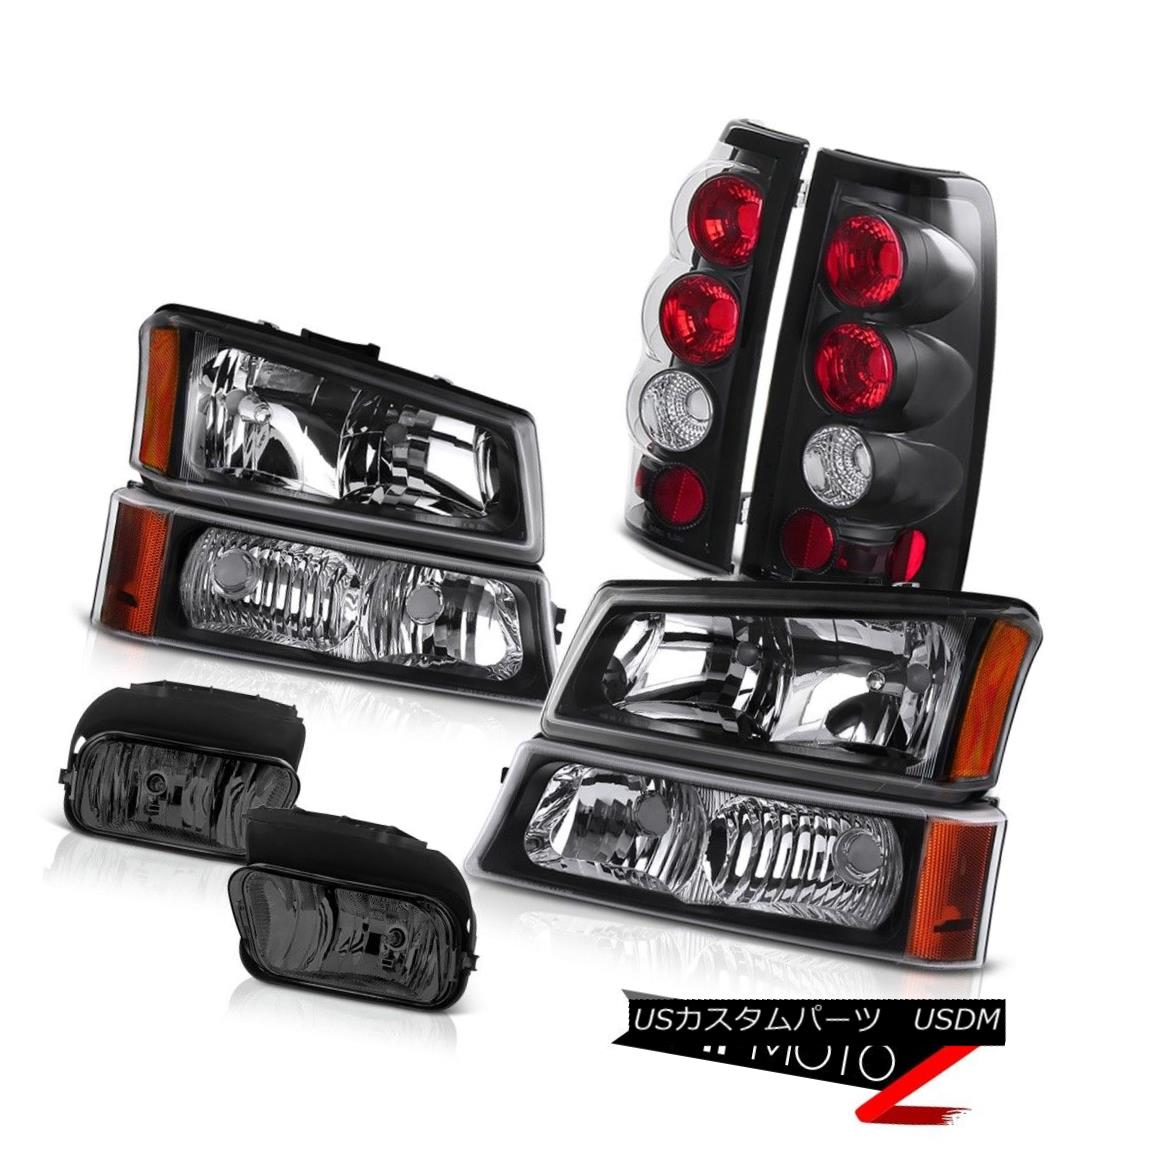 ヘッドライト 03 04 05 06 Silverado Black Headlamp Signal Parking Light Rear Tail Lamps Bumper 03 04 05 06 Silverado Blackヘッドランプ信号パーキングライトリアテールランプバンパー